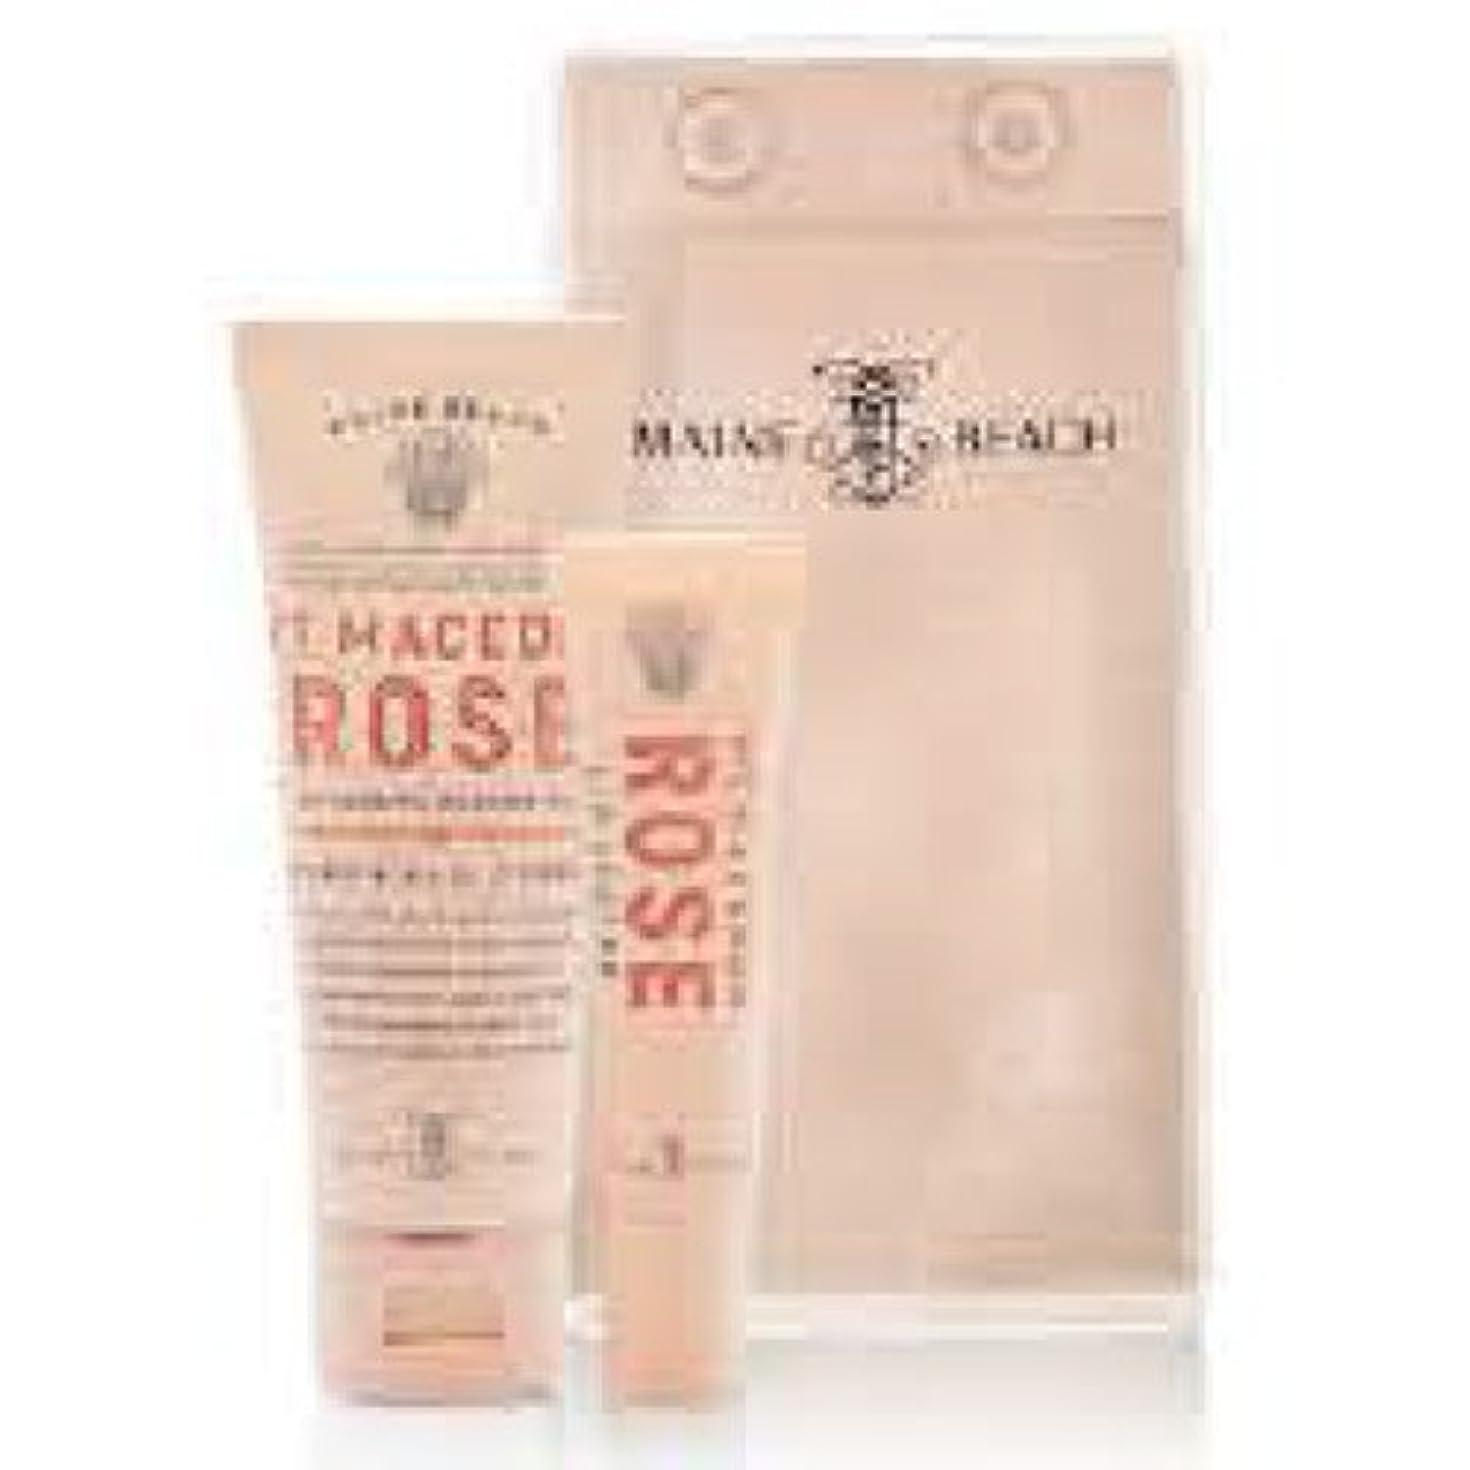 十分リボン嘆願MAINE BEACH マインビーチ MT MACEDON ROSE マウント マセドン ローズ Essentials DUO Pack